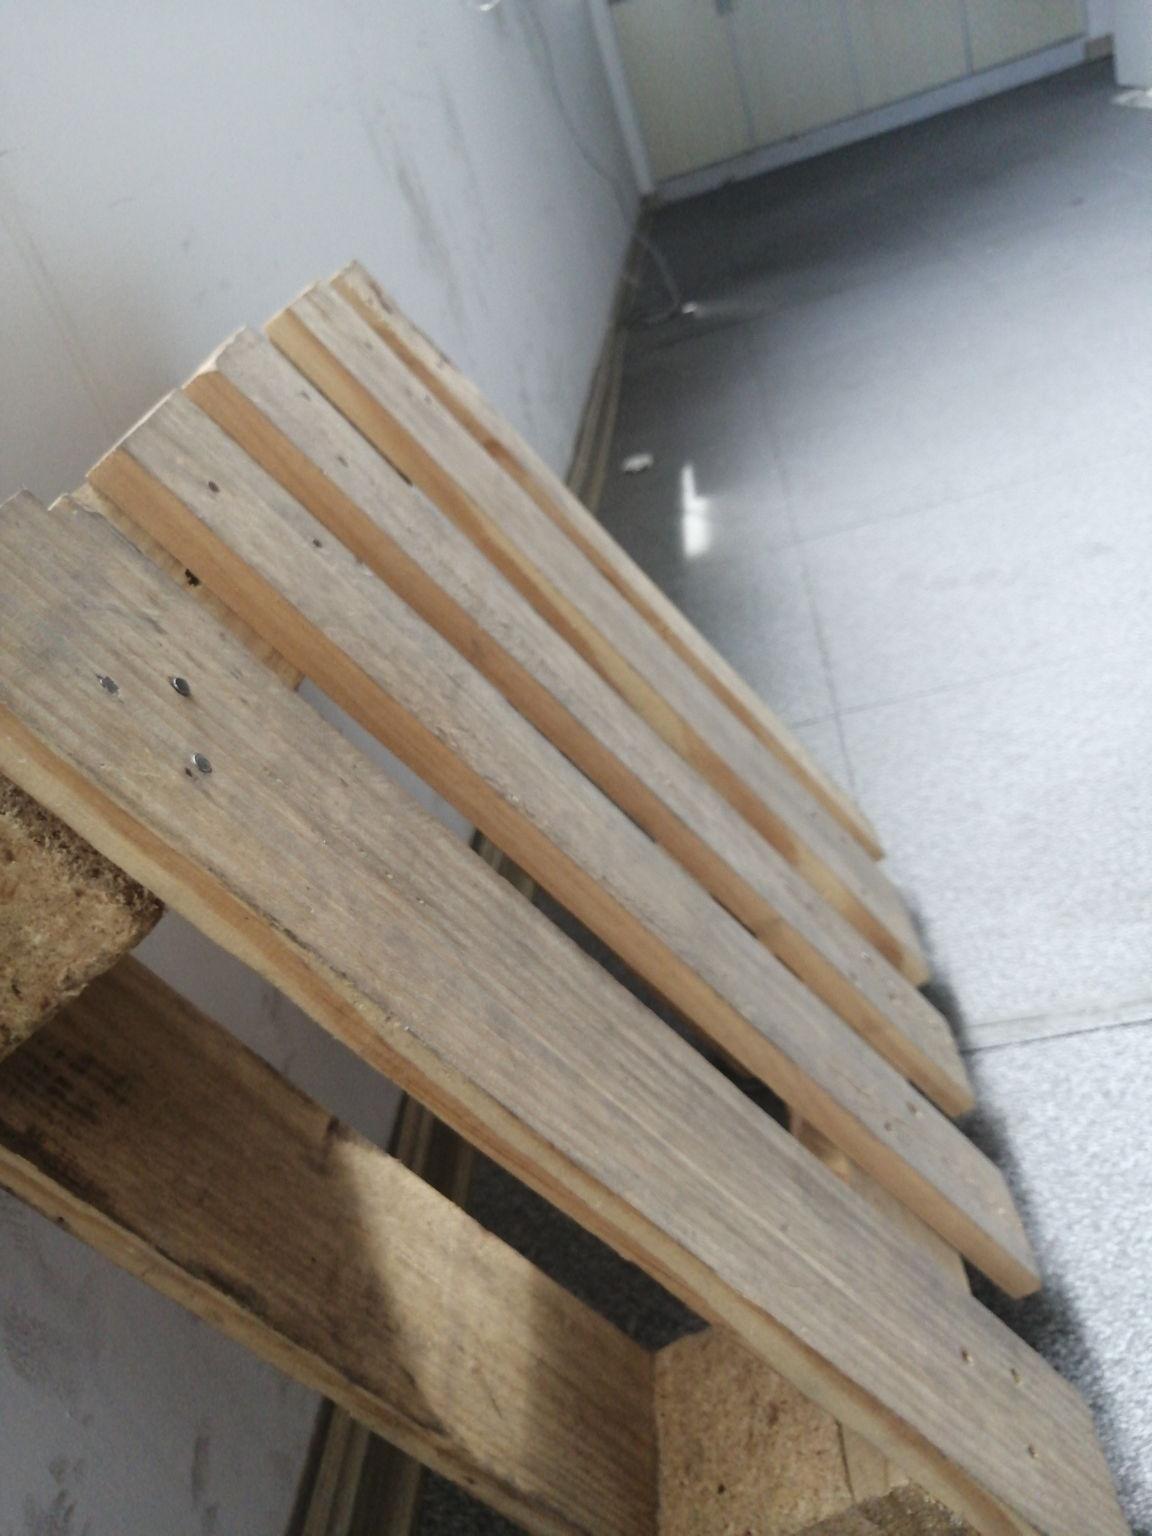 嘉兴长期方形木托盘图片,∳❖♥✎乡下工地的一堆木托盘啊~~